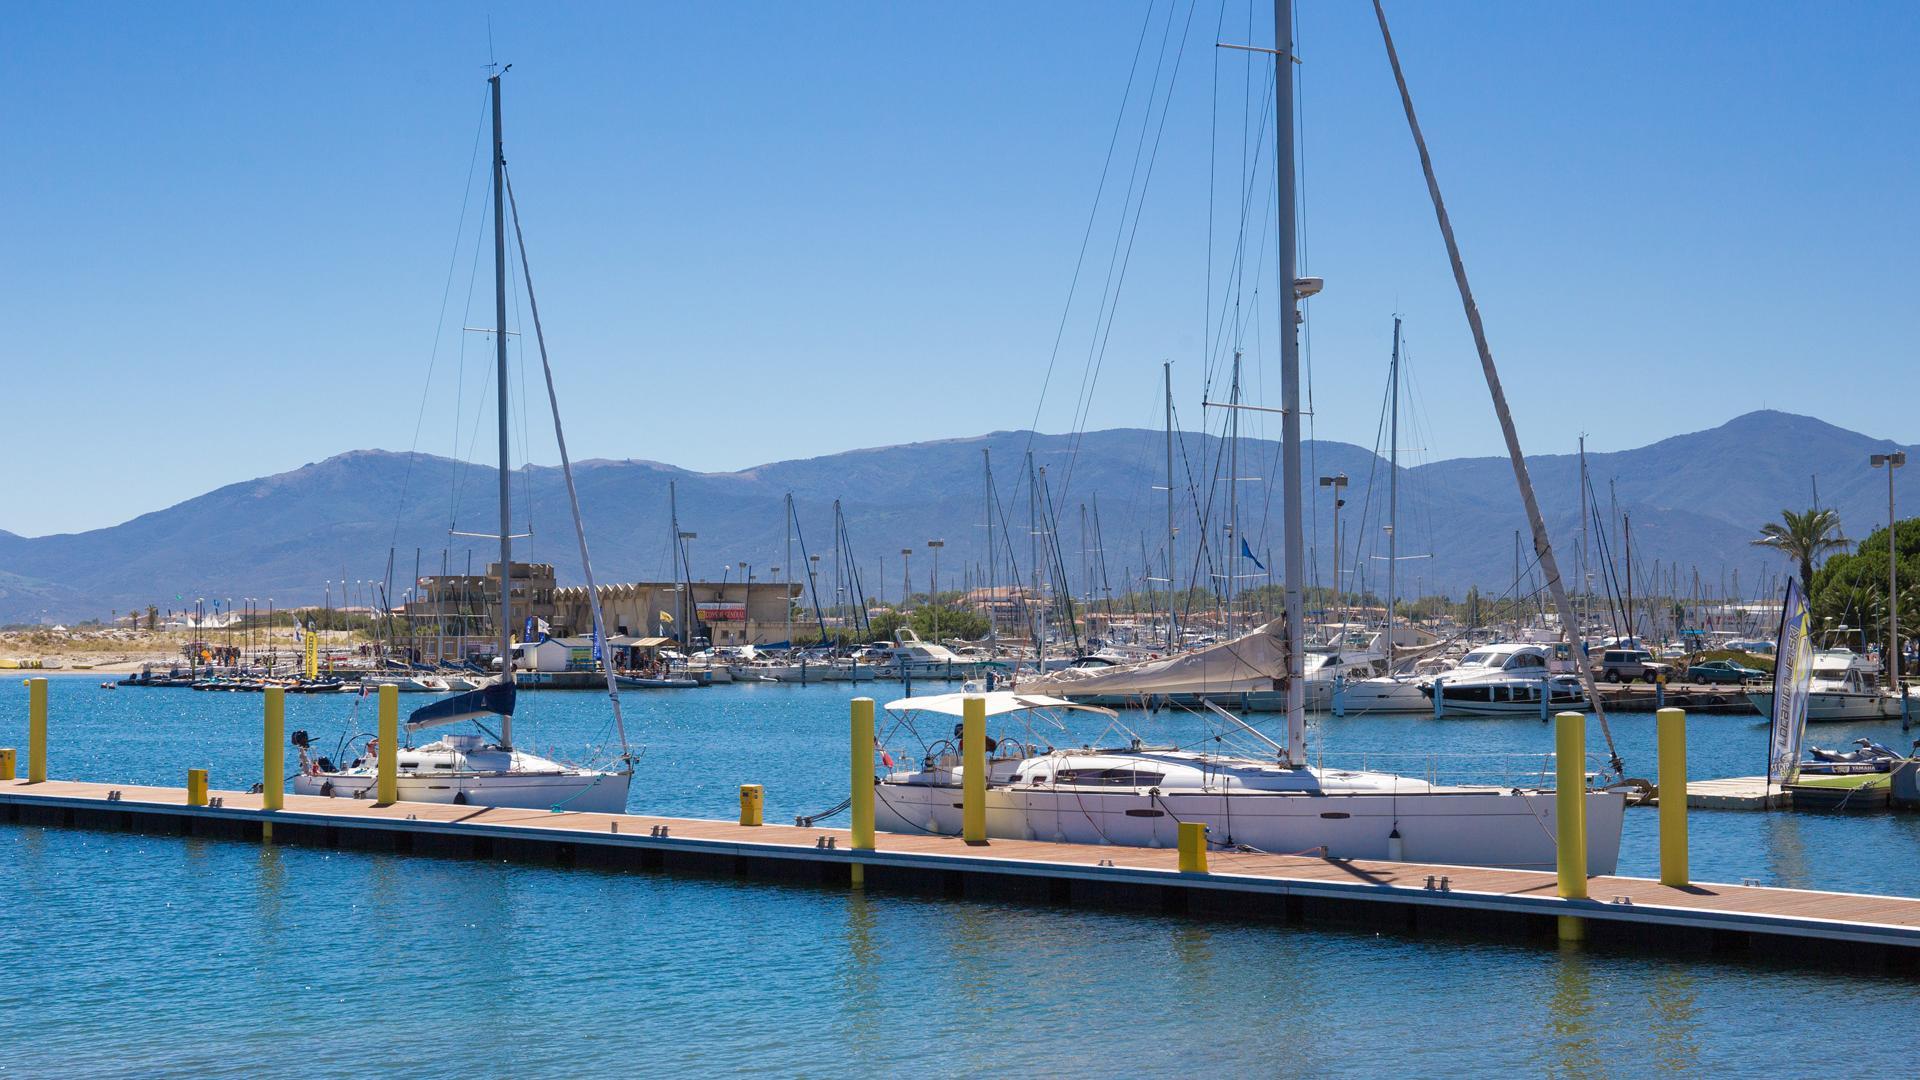 Le port de saint cyprien office de tourisme de saint cyprien - Canet plage office du tourisme ...